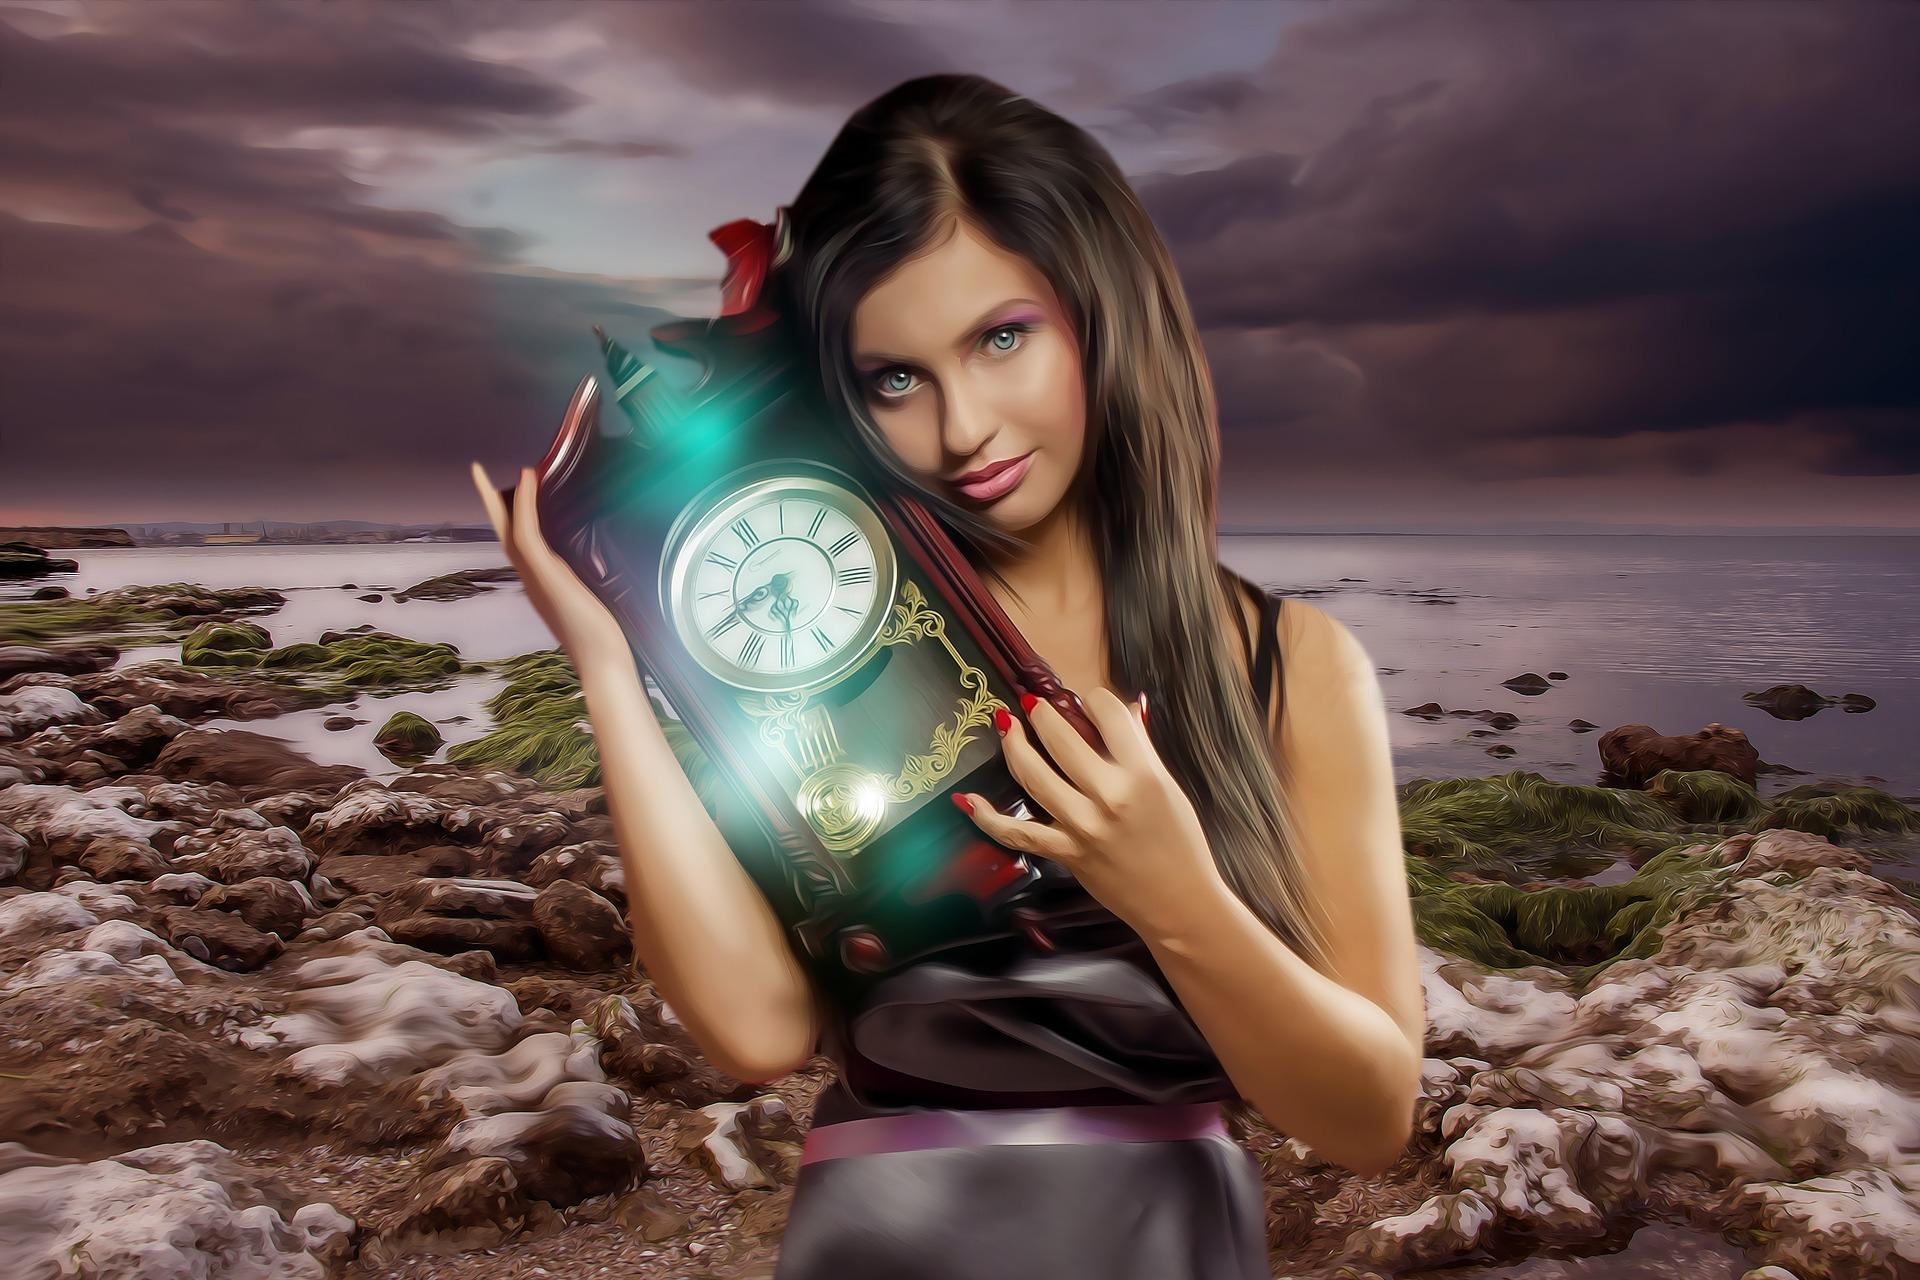 L'orologio del cuore